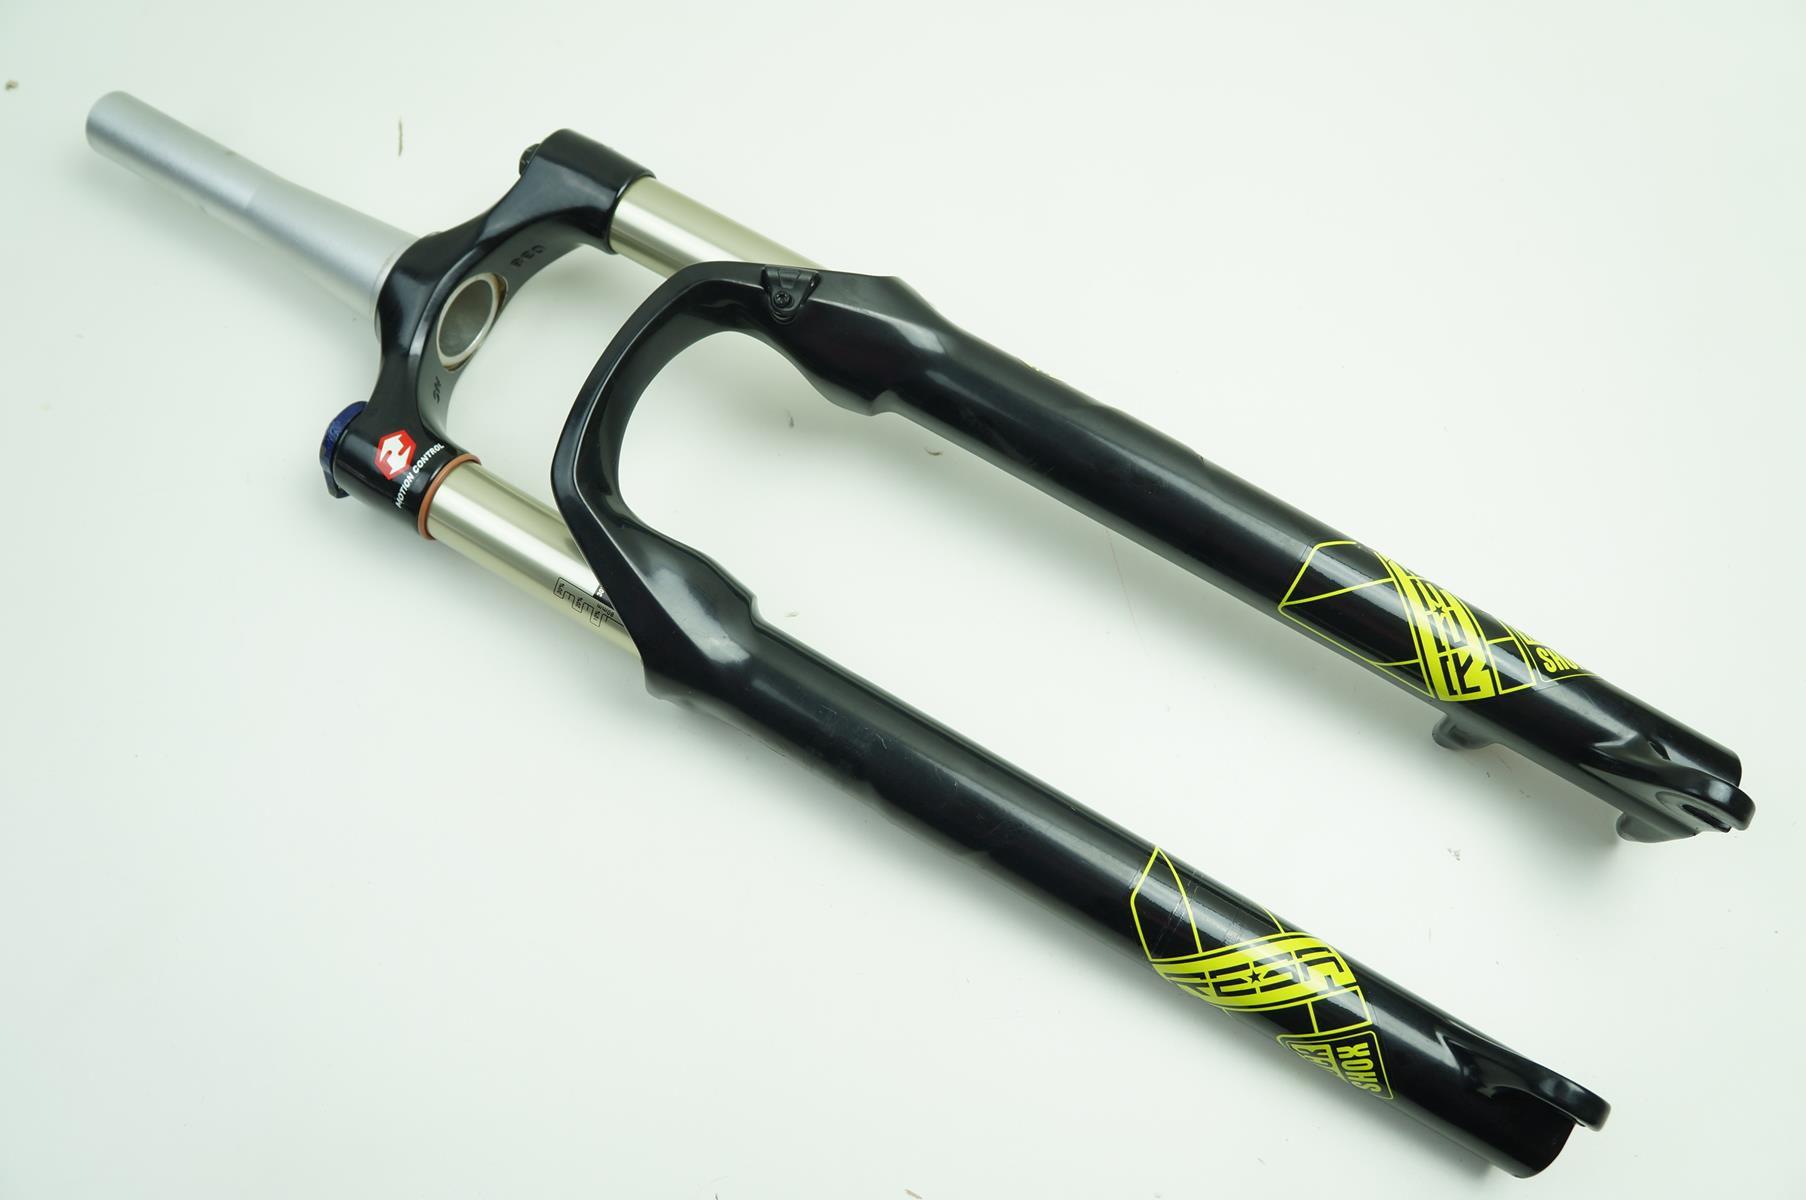 Suspensão Rock Shox Reba RL 29er 100mm Tapered Eixo 9mm Dual Air 2012- USADO